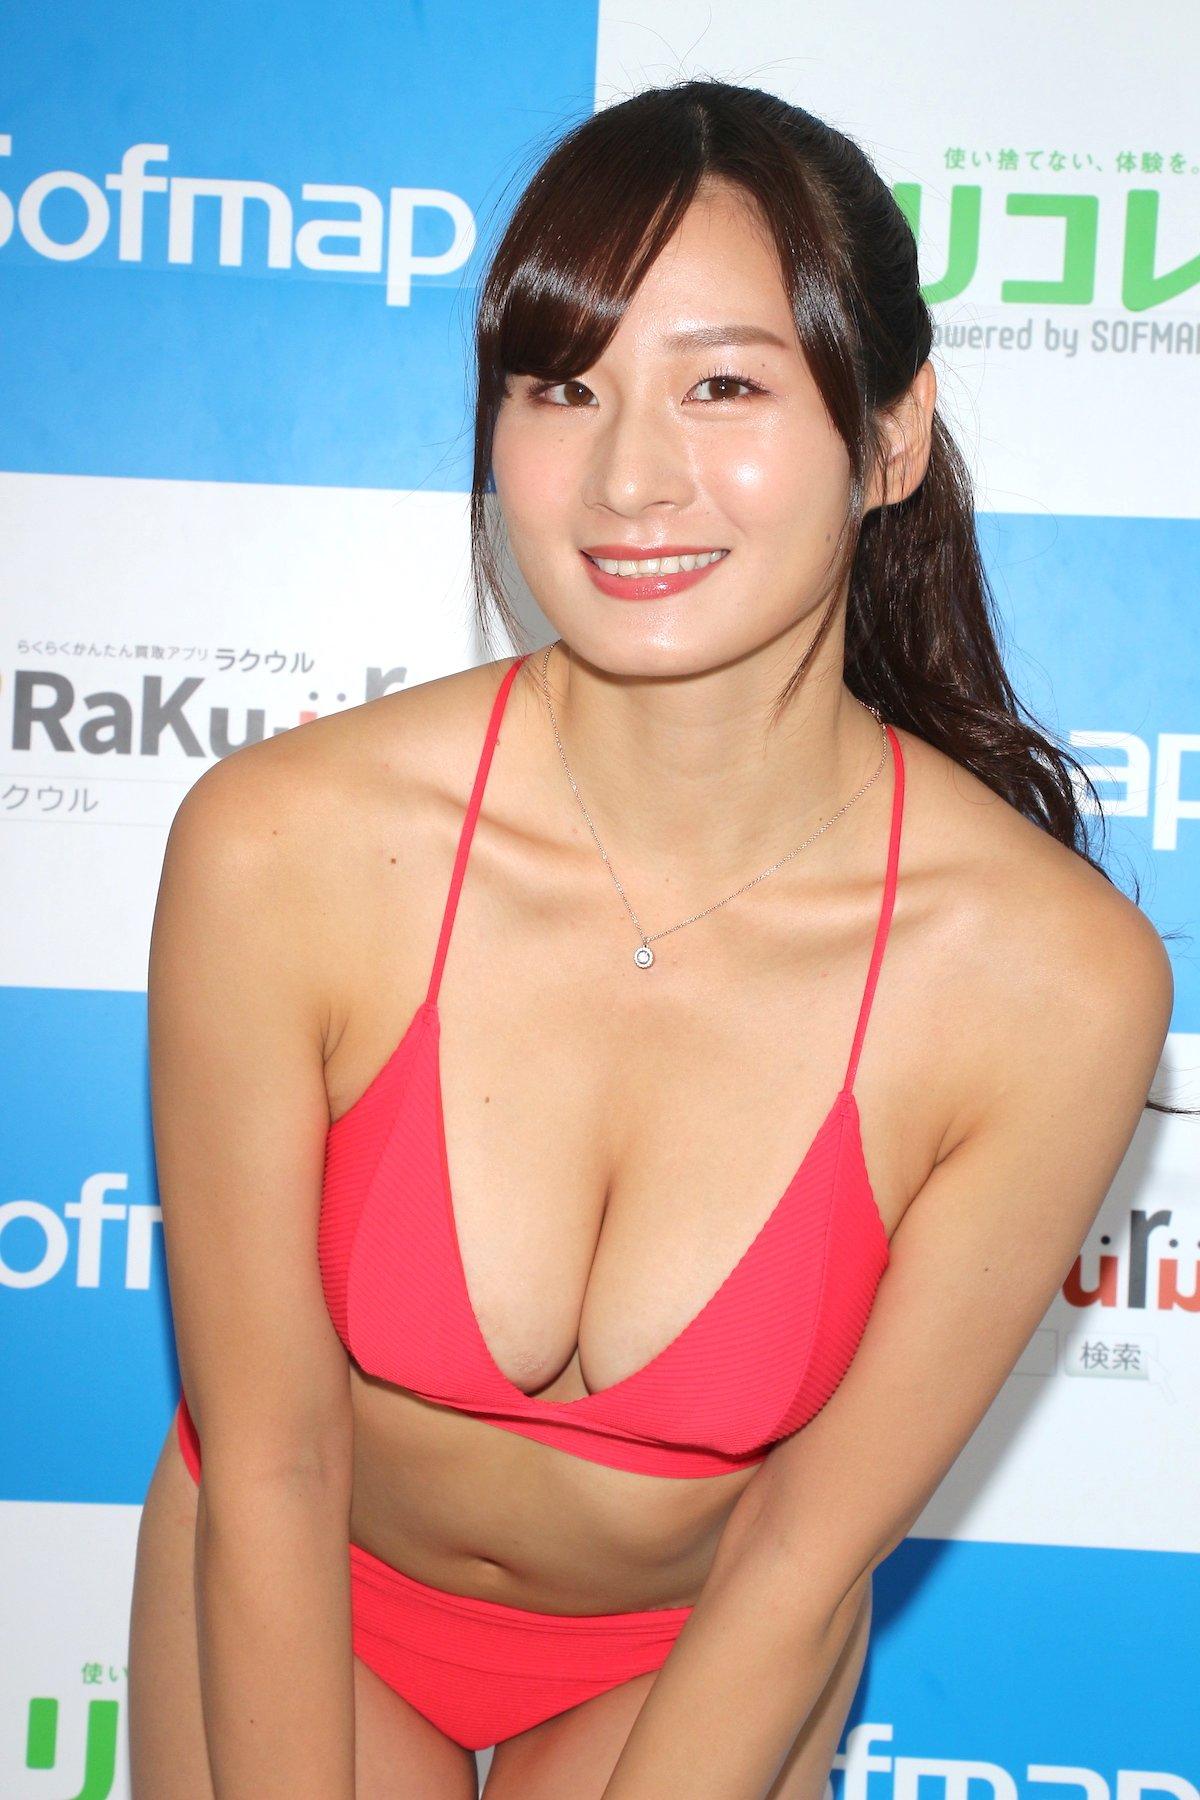 清瀬汐希「本当に何も着てない」お風呂のシーンは露出度満点!【画像62枚】の画像038